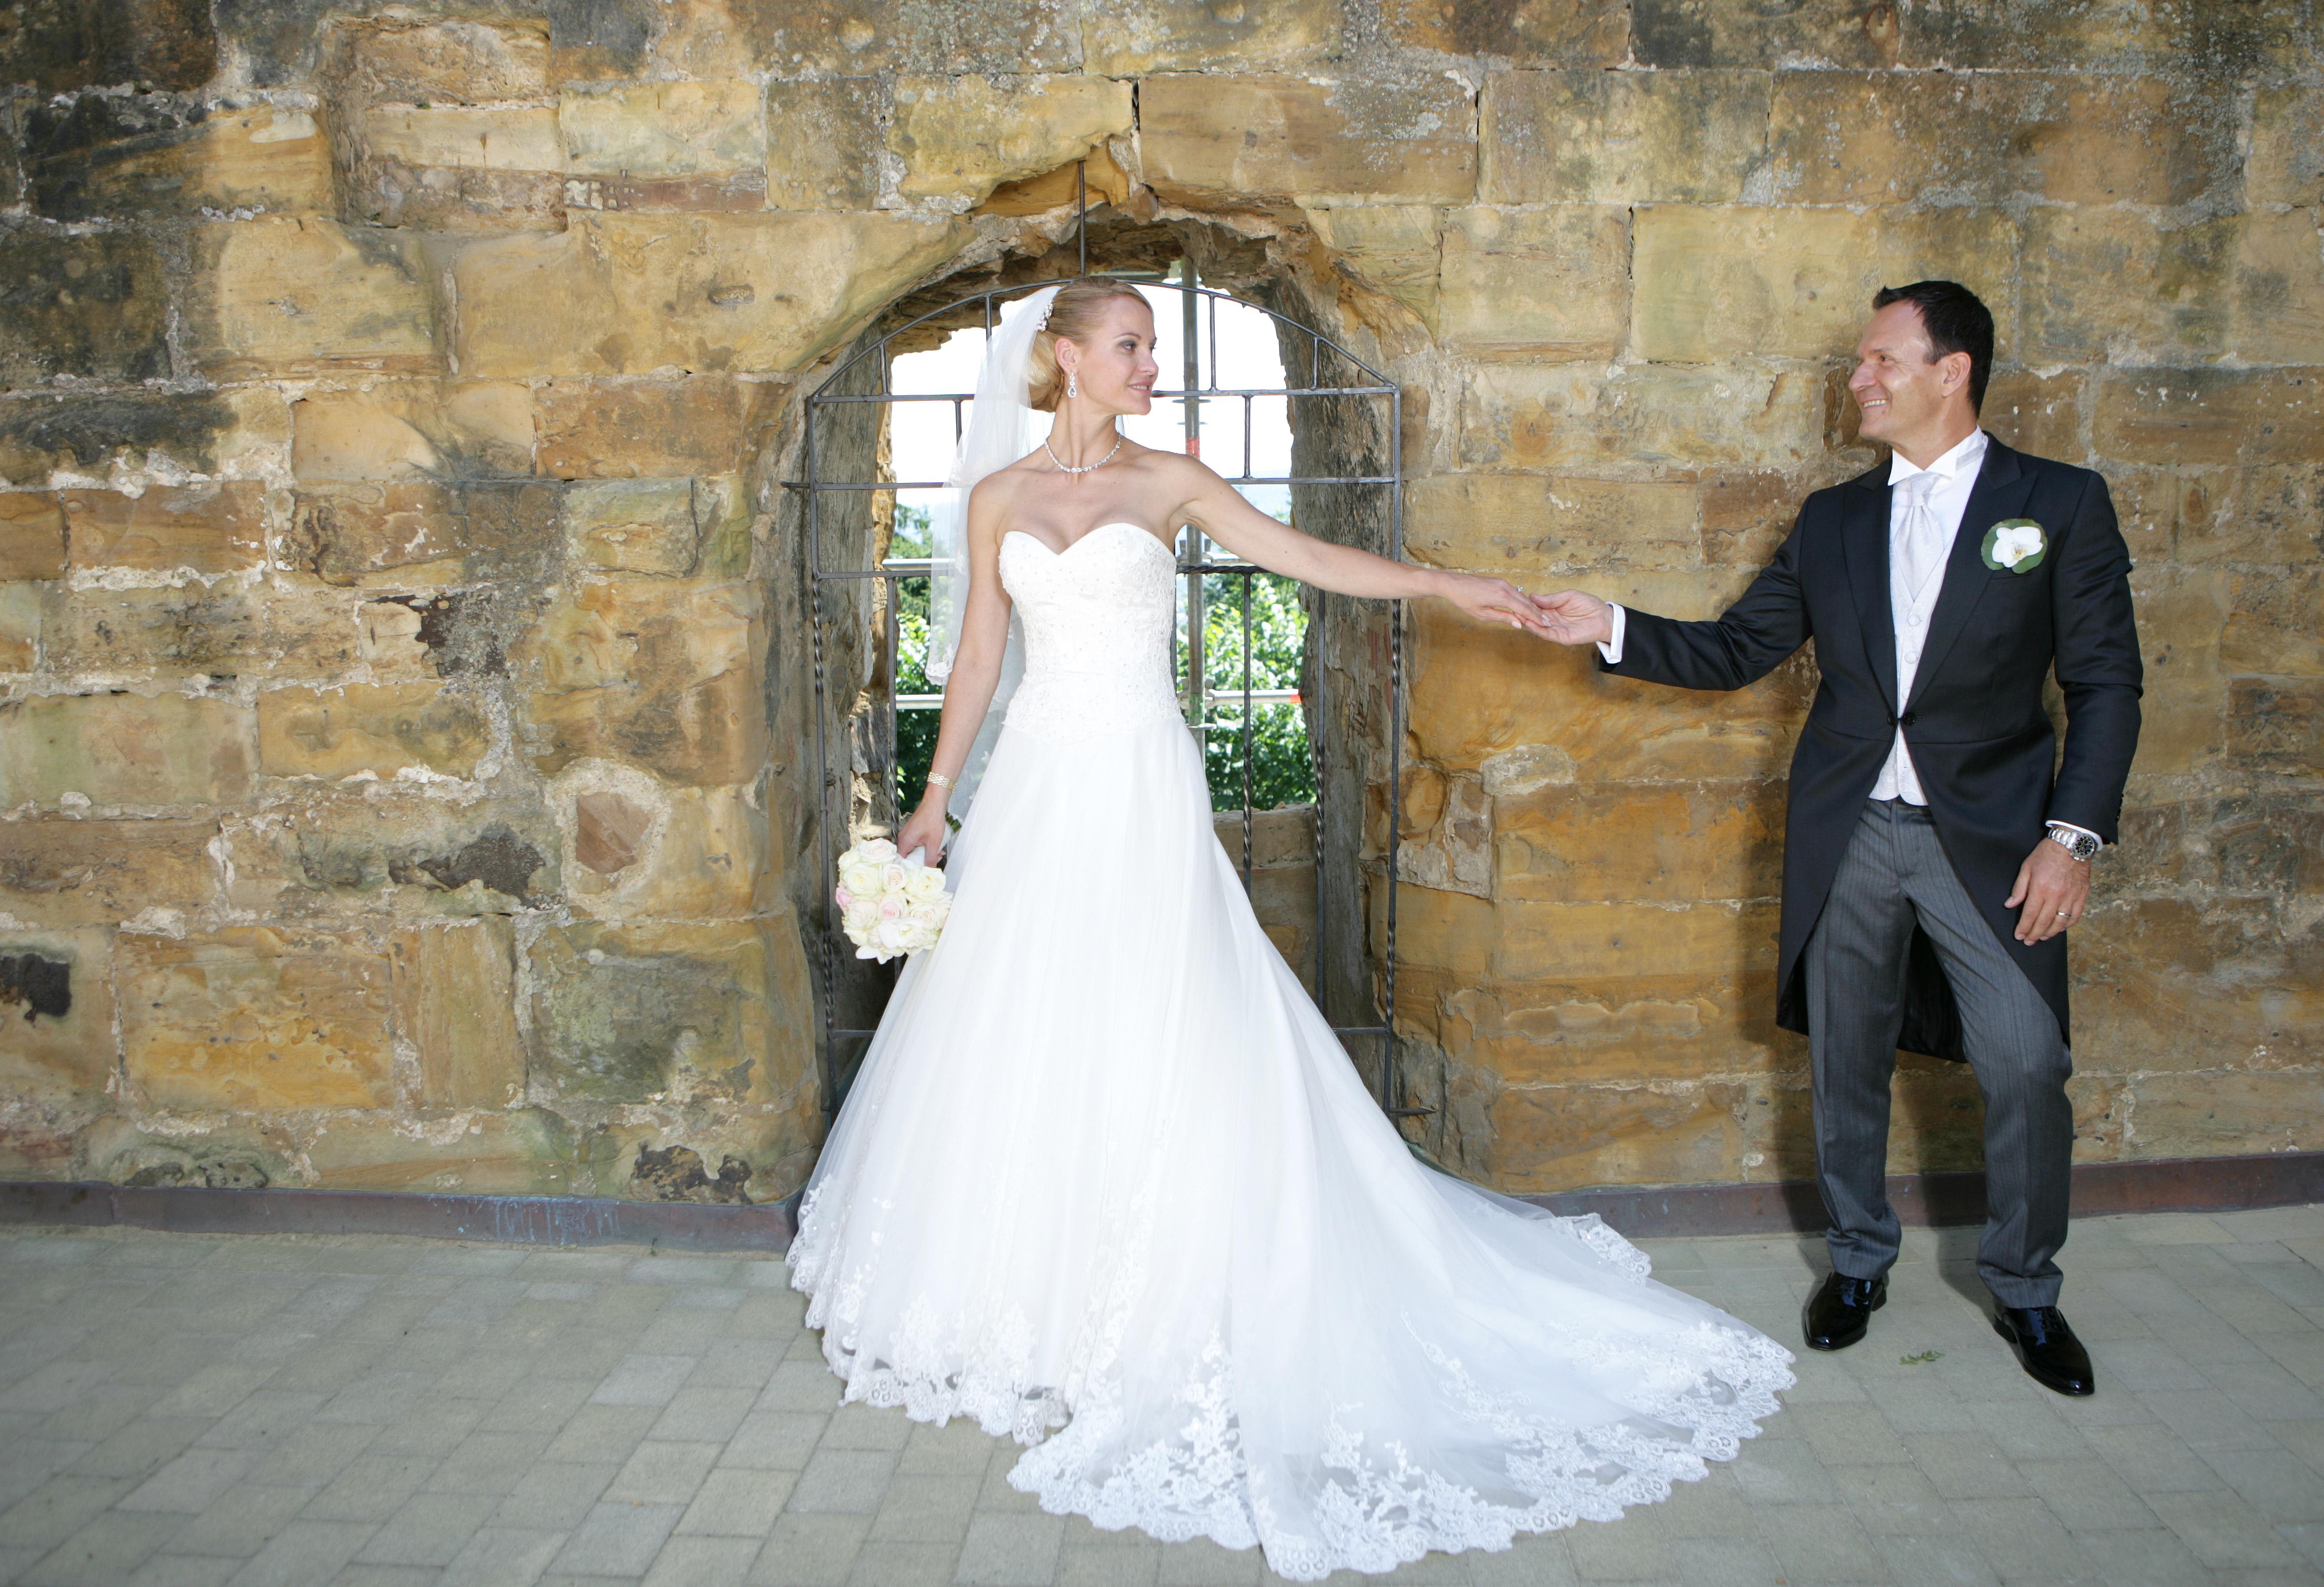 Finanzamt berlin mitte wedding dresses